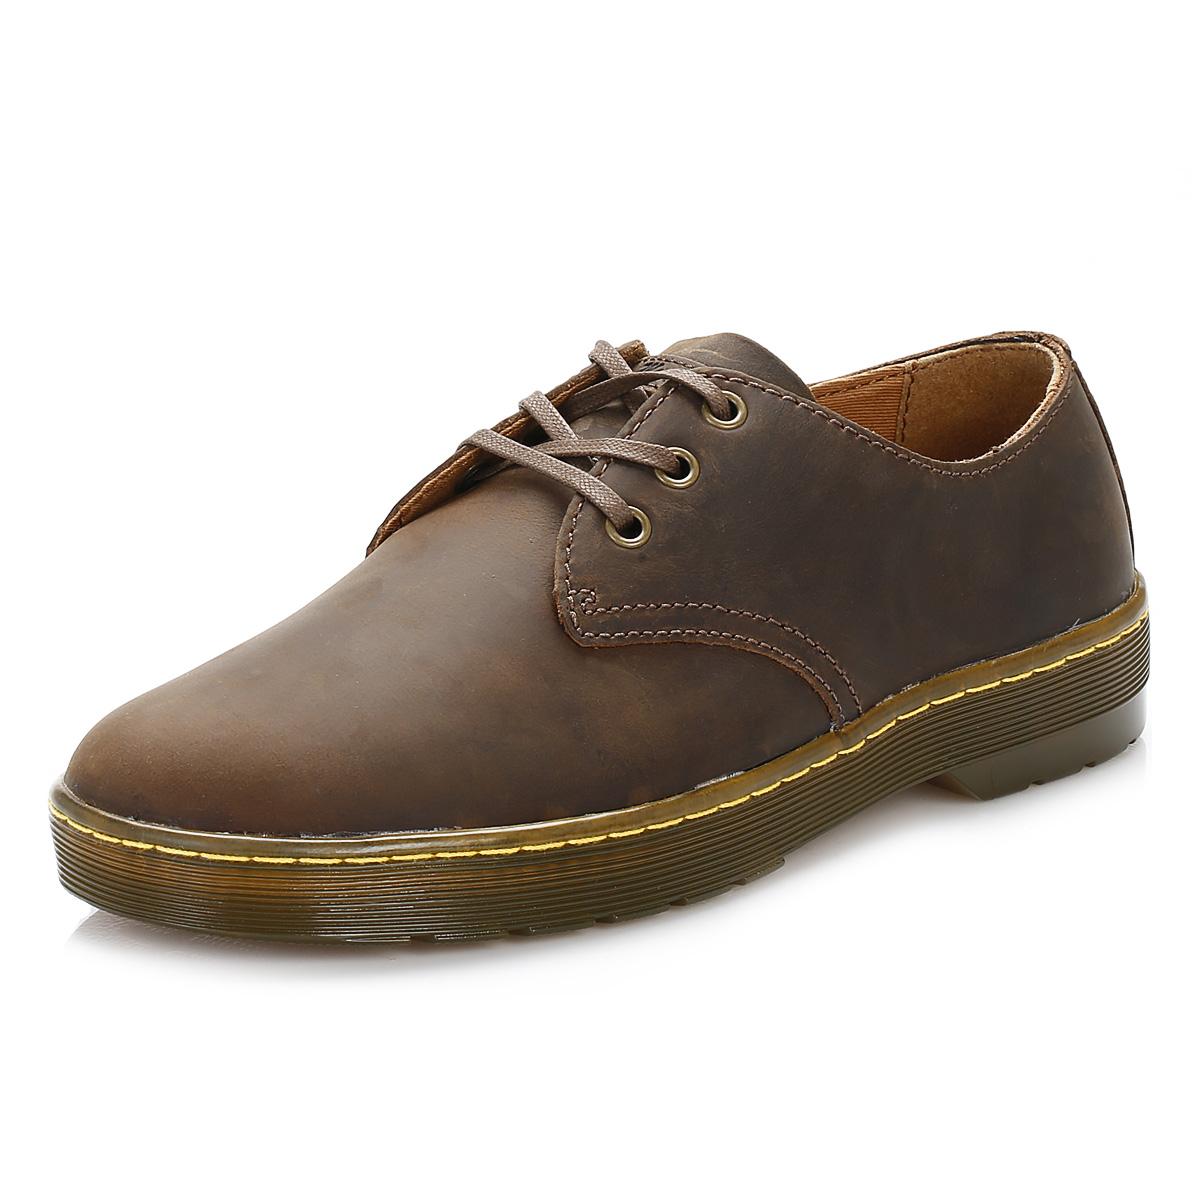 Dr Martens Shoes Uk Ebay